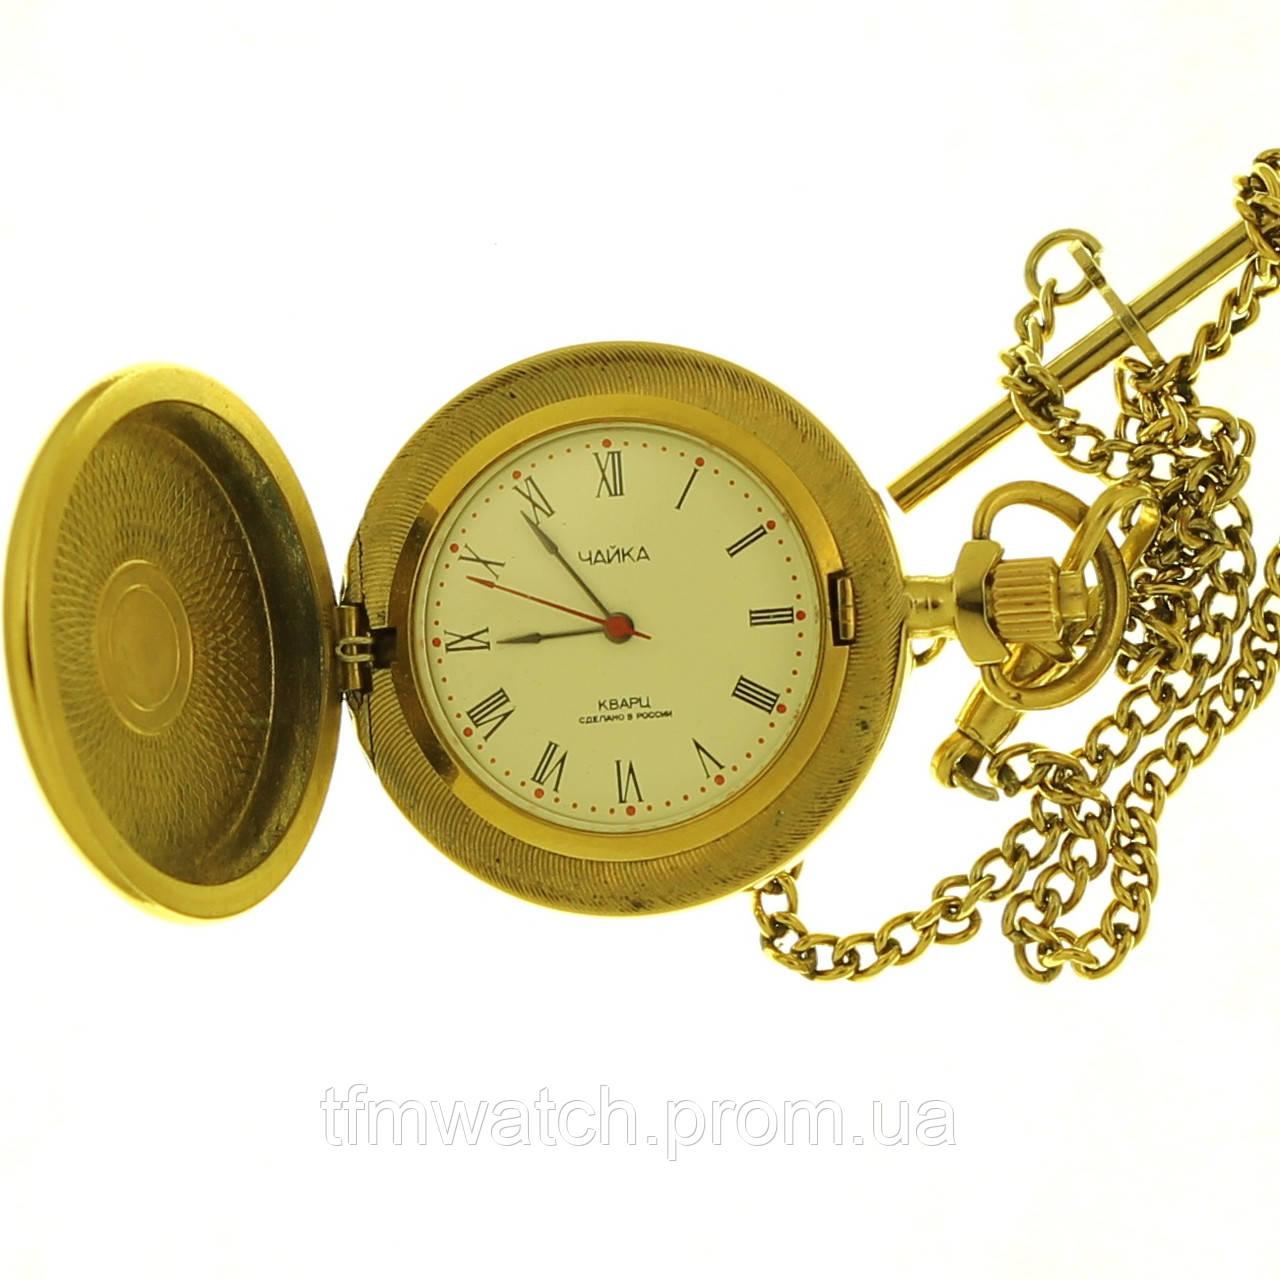 Чайка кварц карманные часы Россия